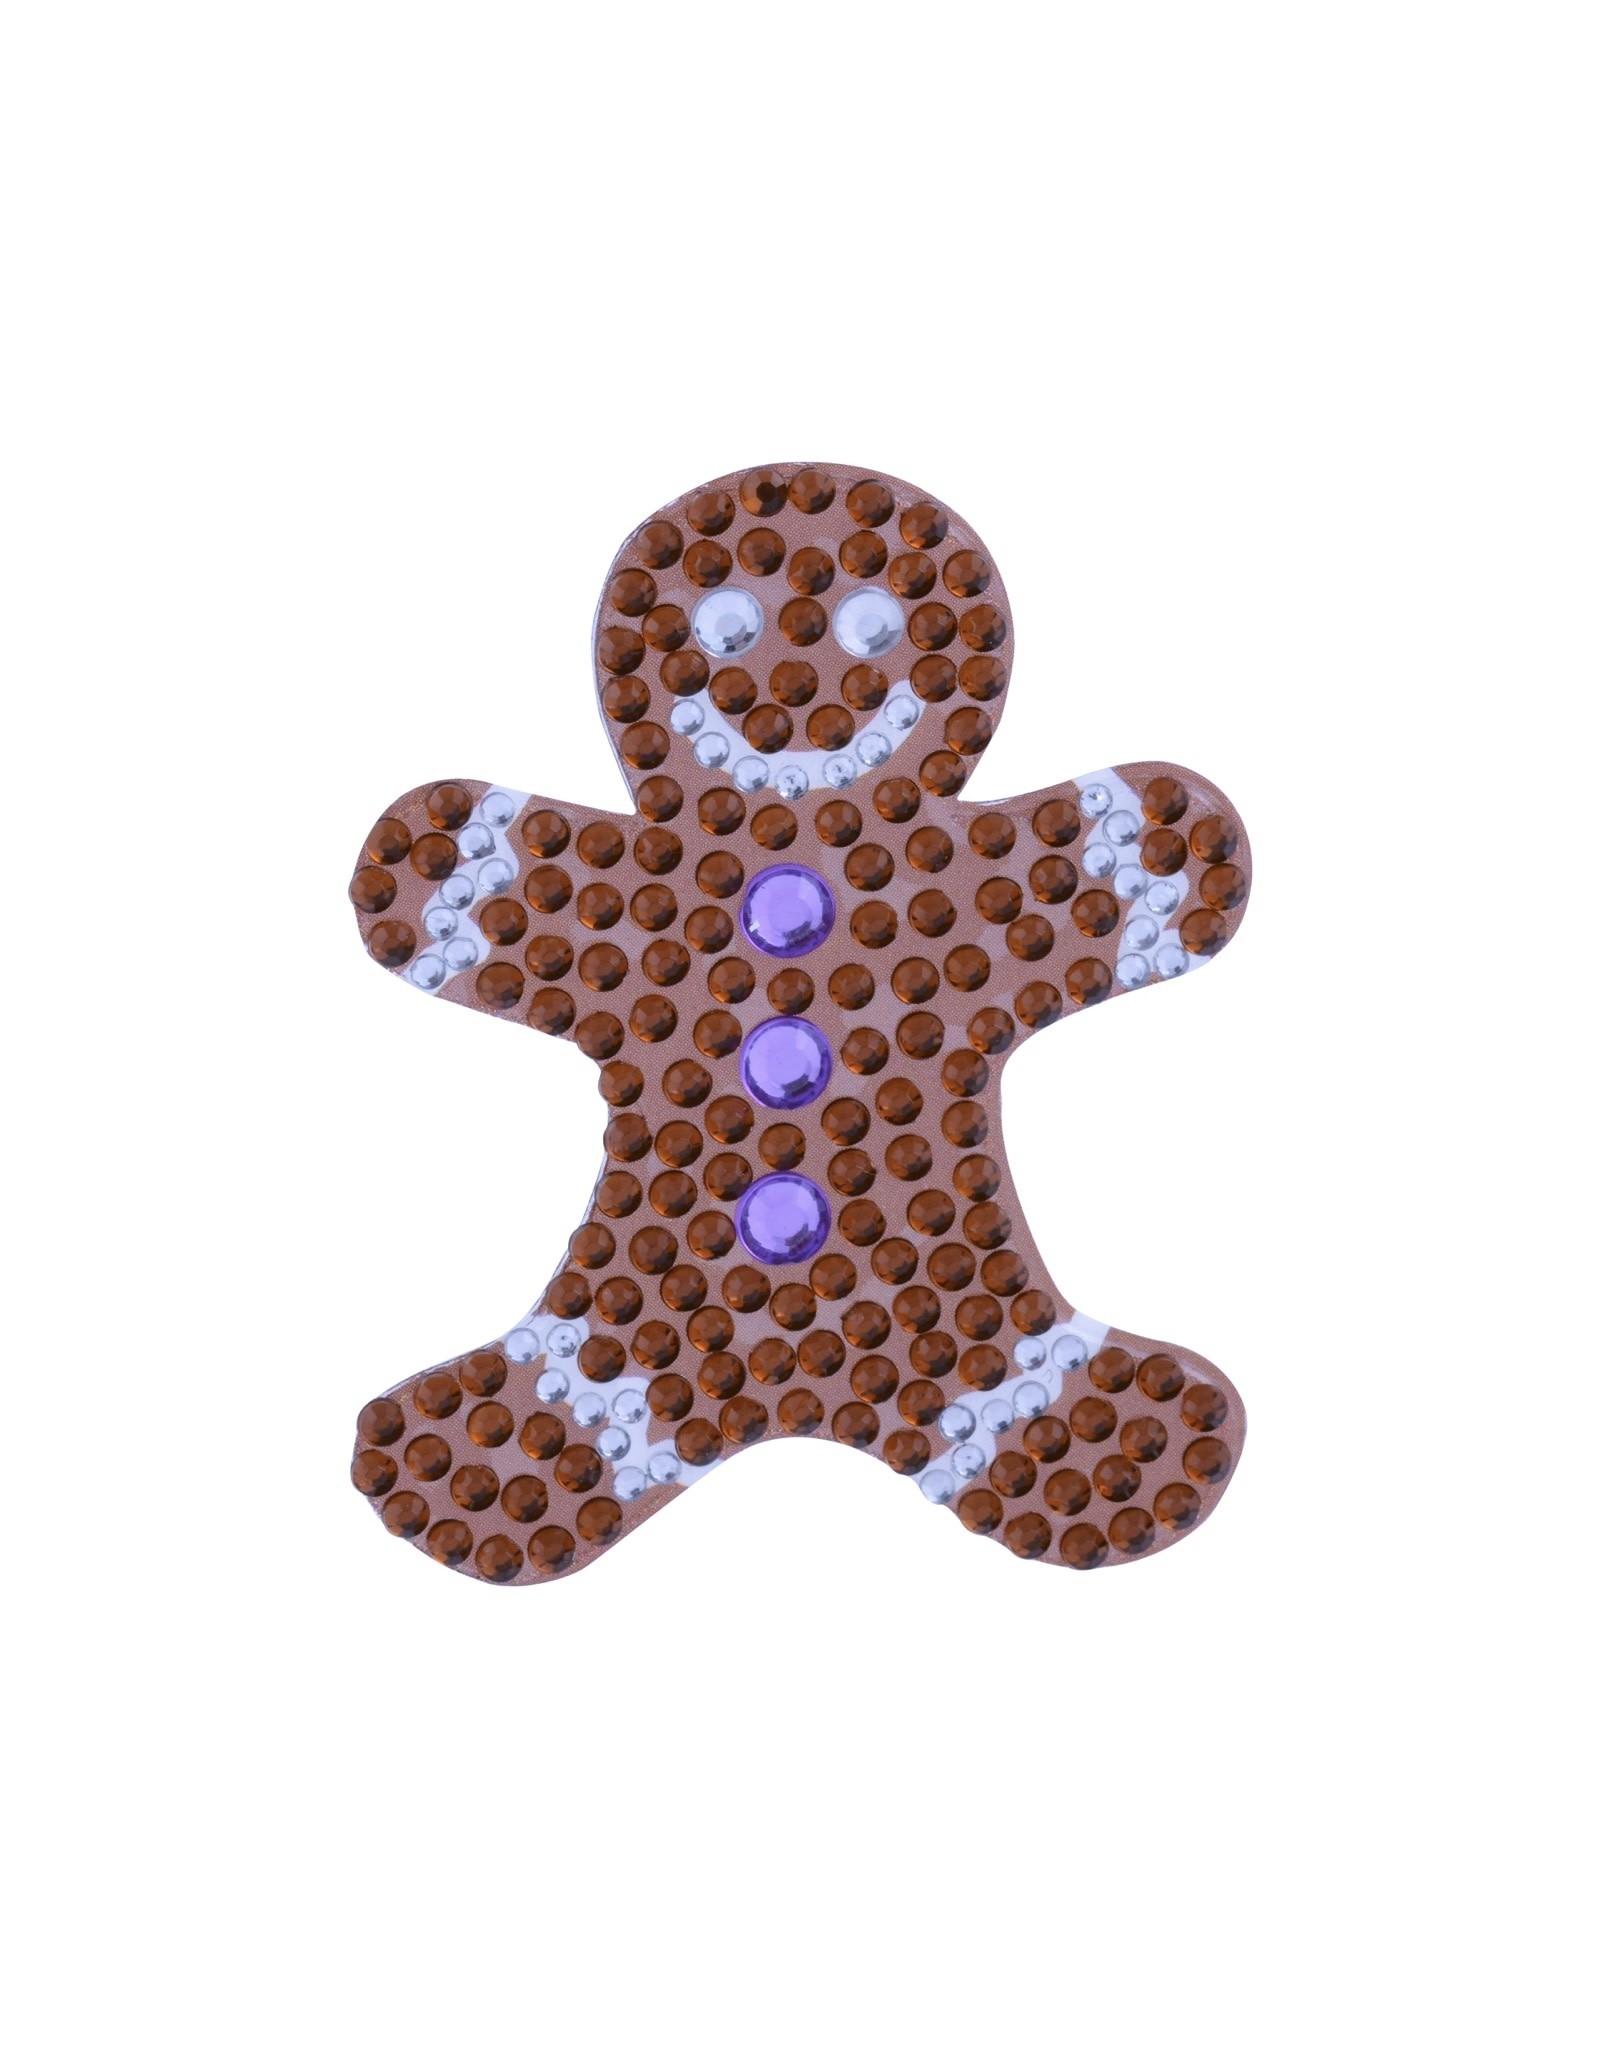 Sticker Beans Gingerbread Man